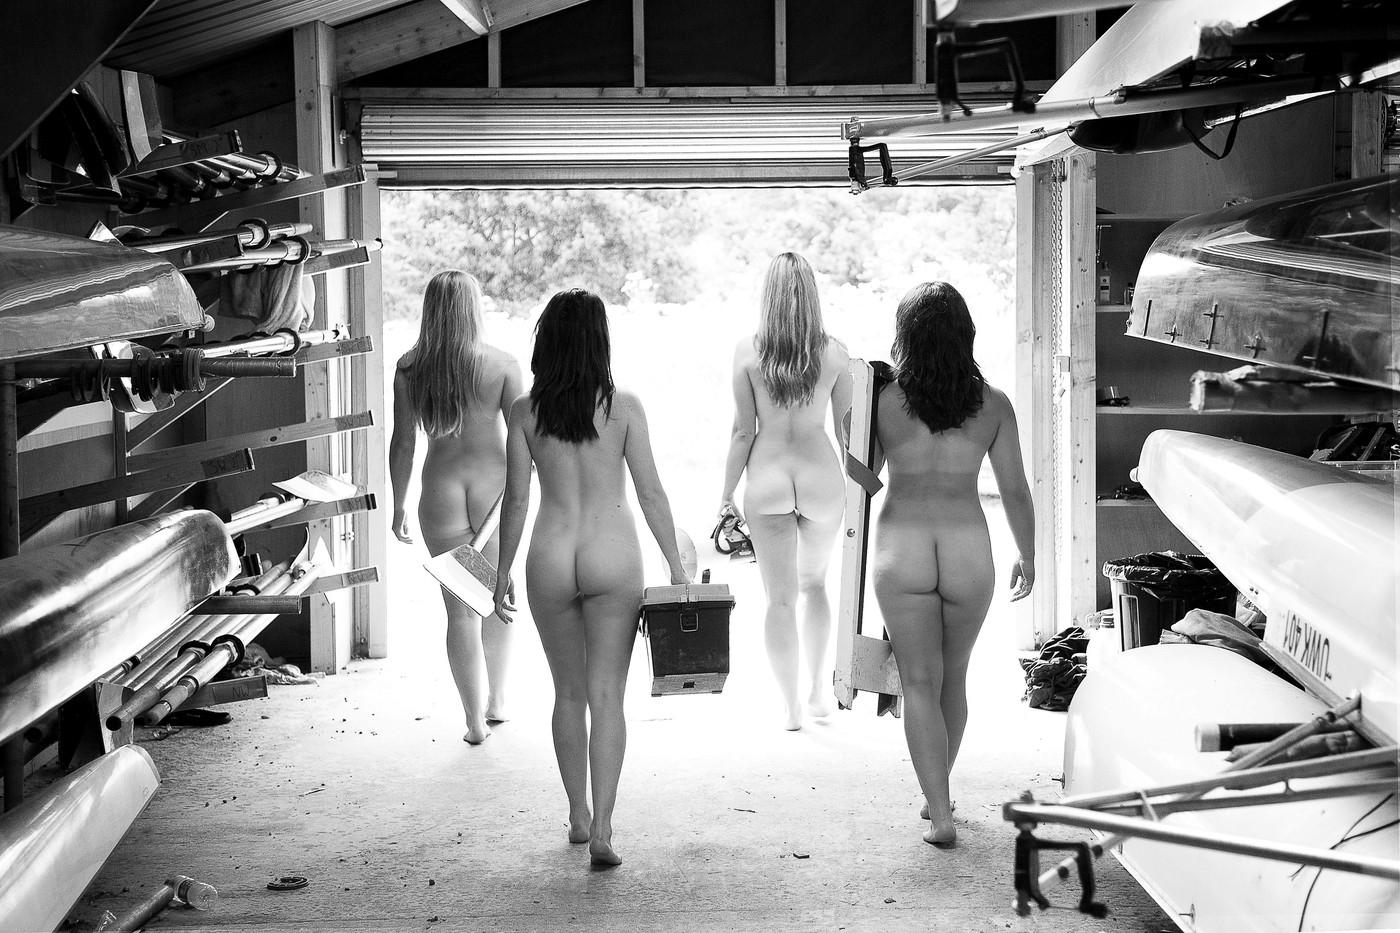 dekleta koledar